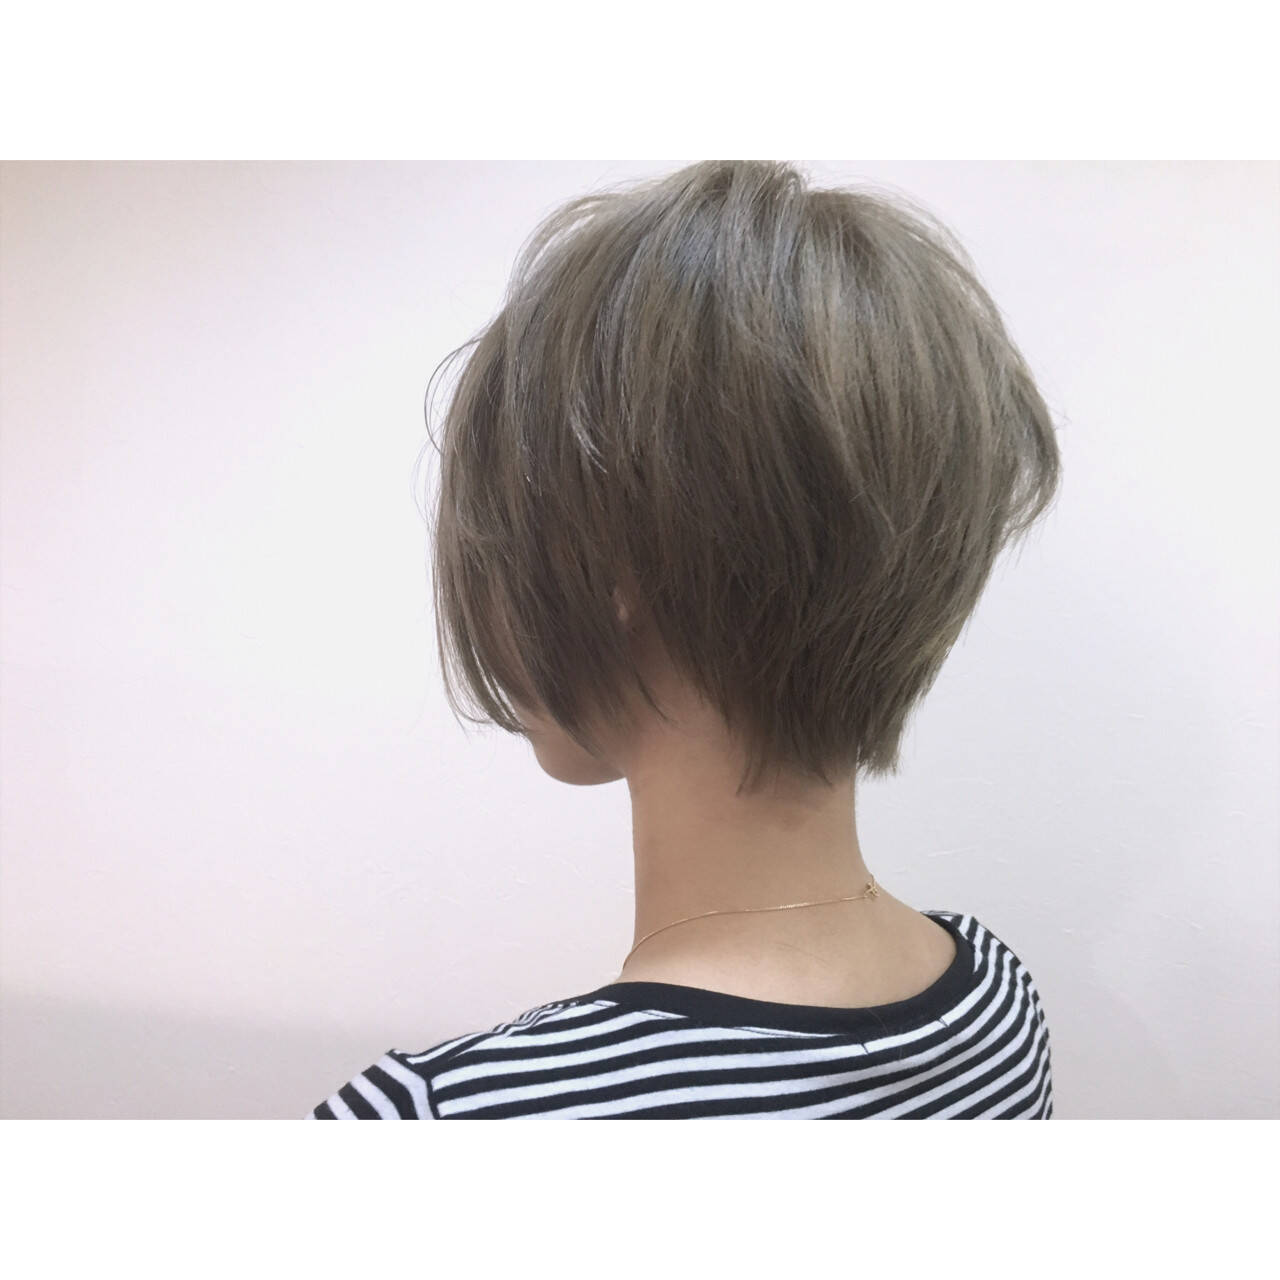 外国人風 ストリート かき上げ前髪 ショートヘアスタイルや髪型の写真・画像